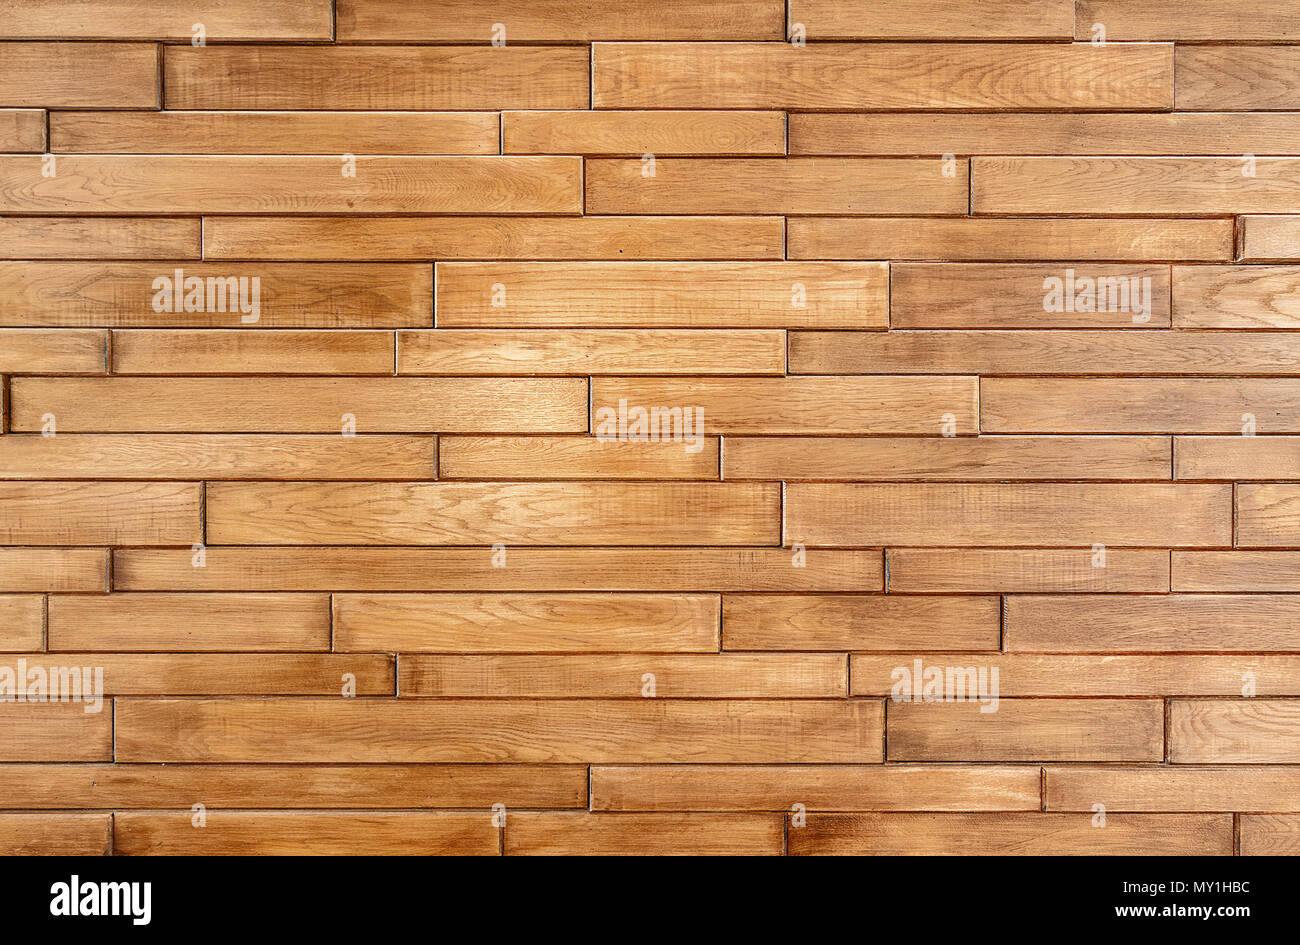 Piastrelle a muro con texture di legno di close up. vista piana foto